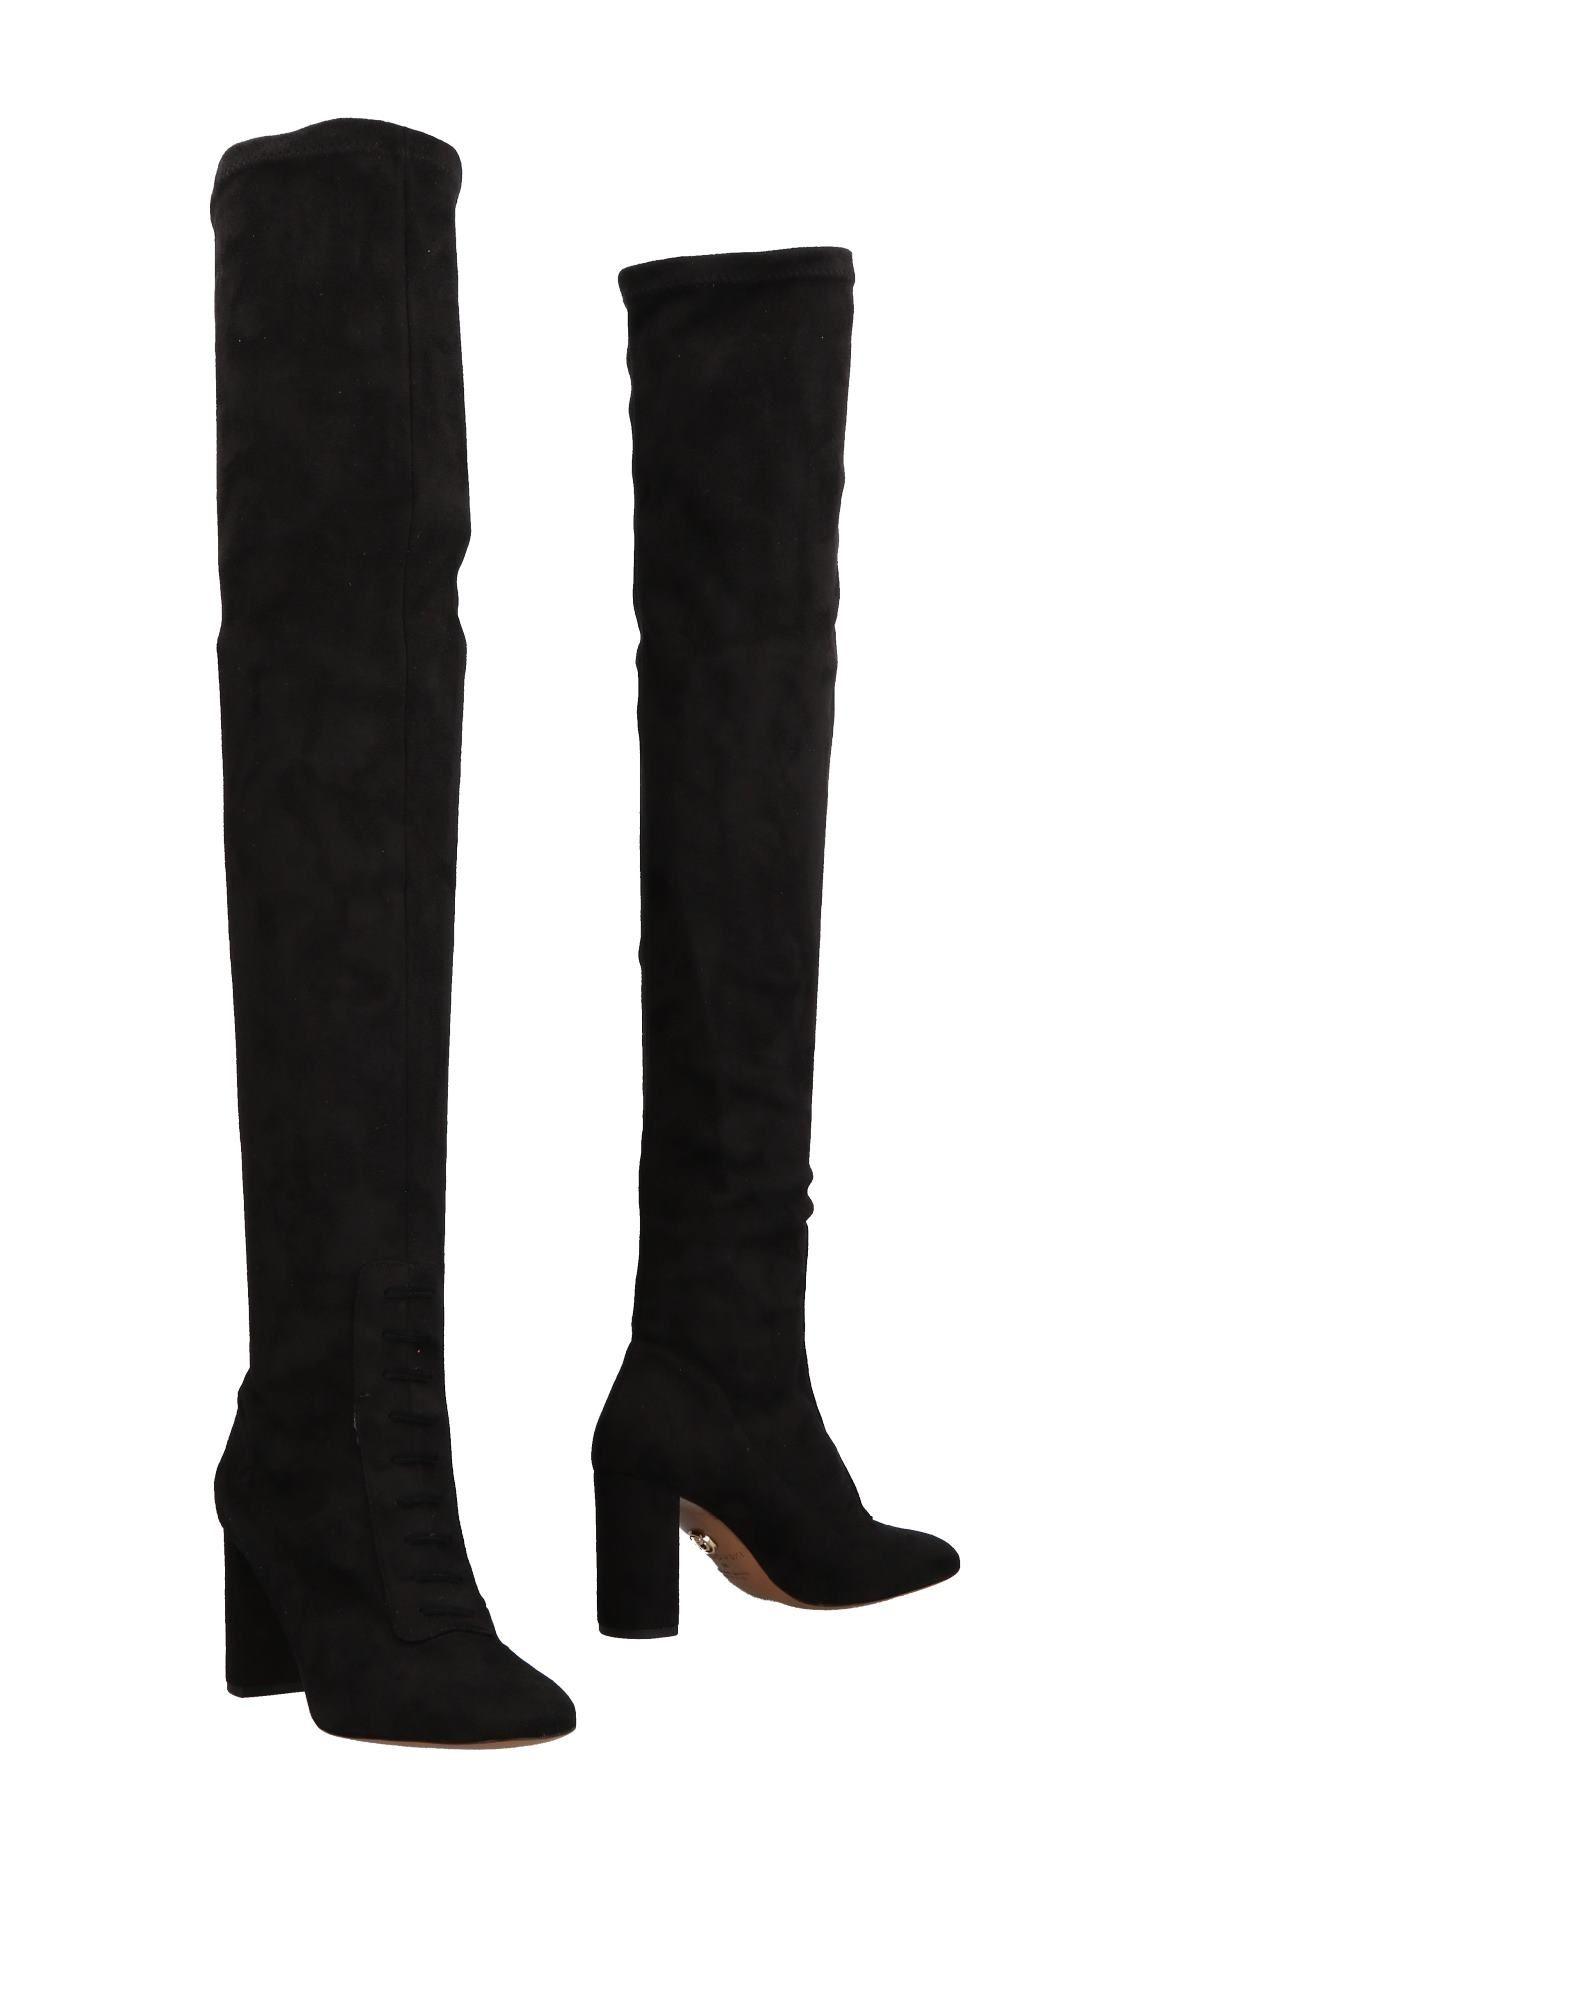 Moda Stivali Baldowski Donna - - Donna 11498380XG 9f6e0e